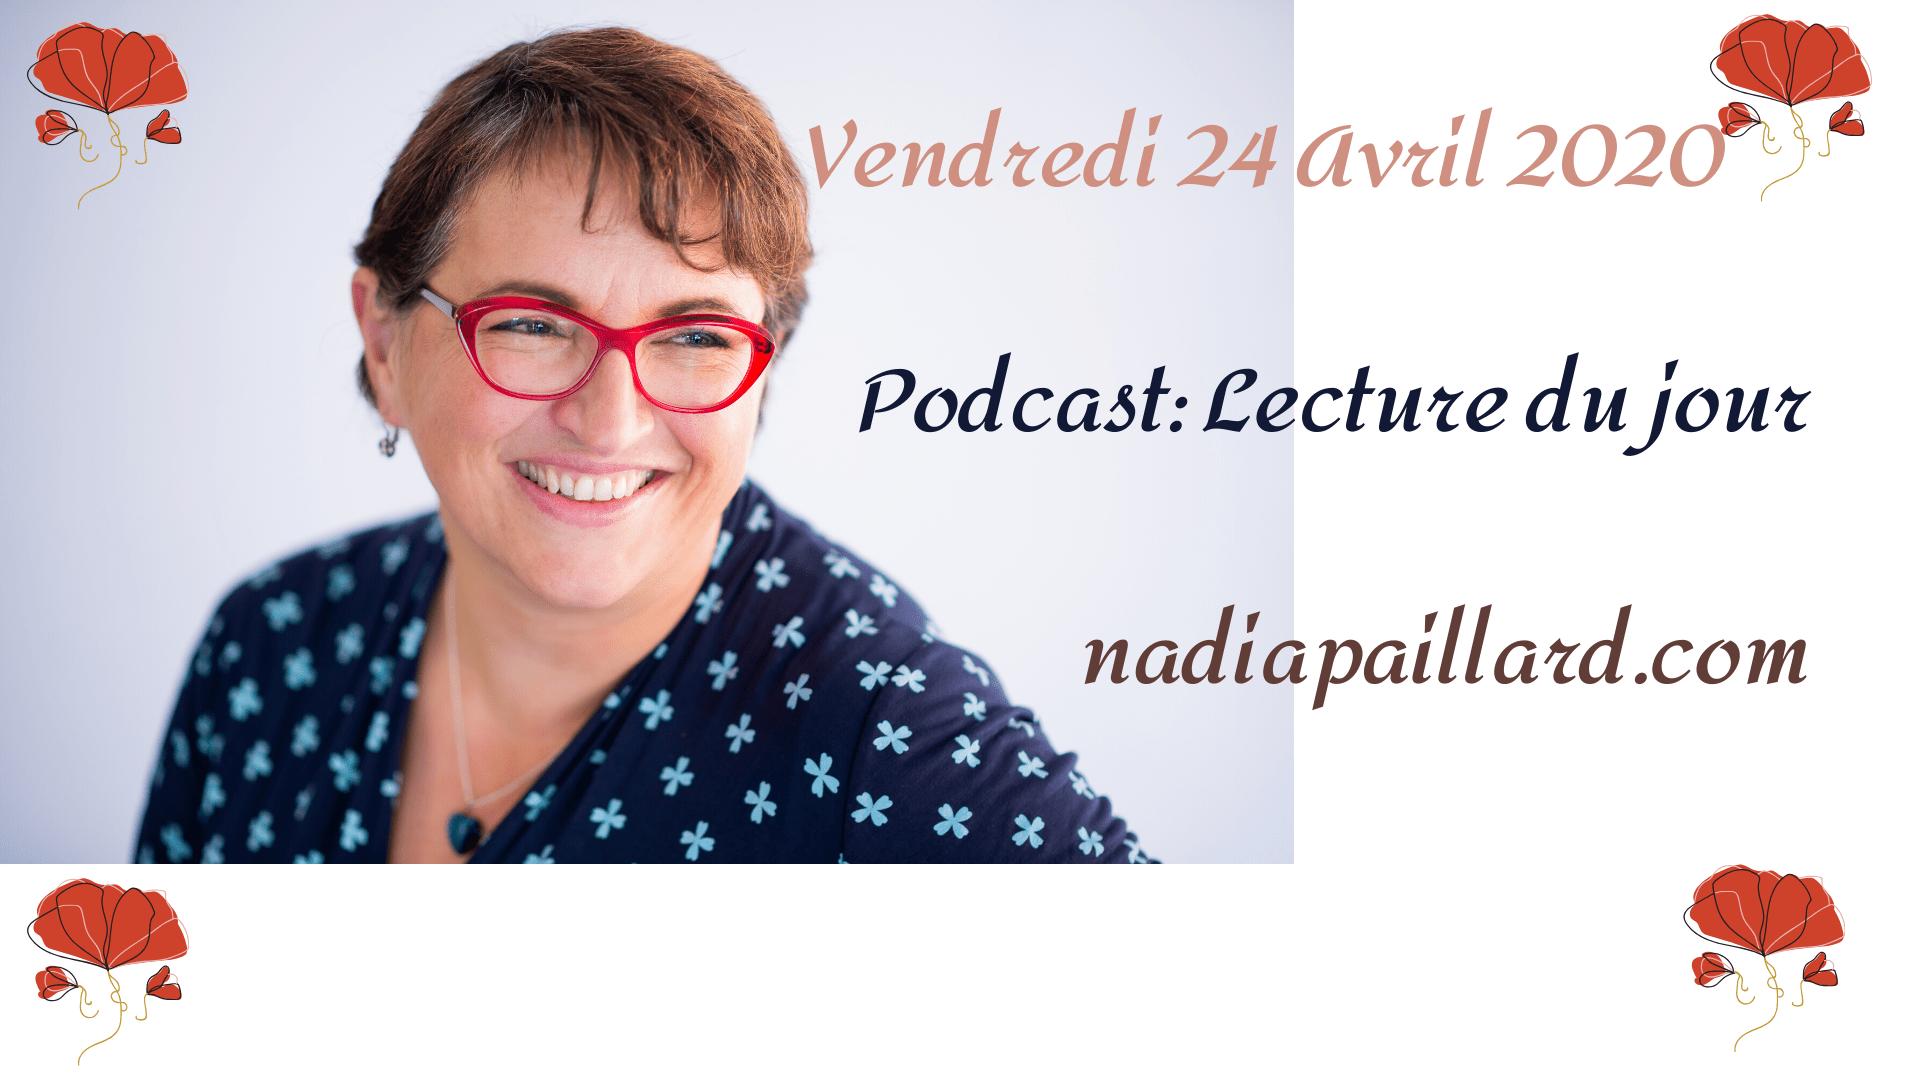 Podcast-Vidéo,Lecture du jour,Vendredi 24 Avril 2020 by Nadia PAILLARD Coach, fêtes à souhaiter, lecture de 2 extraits de livre